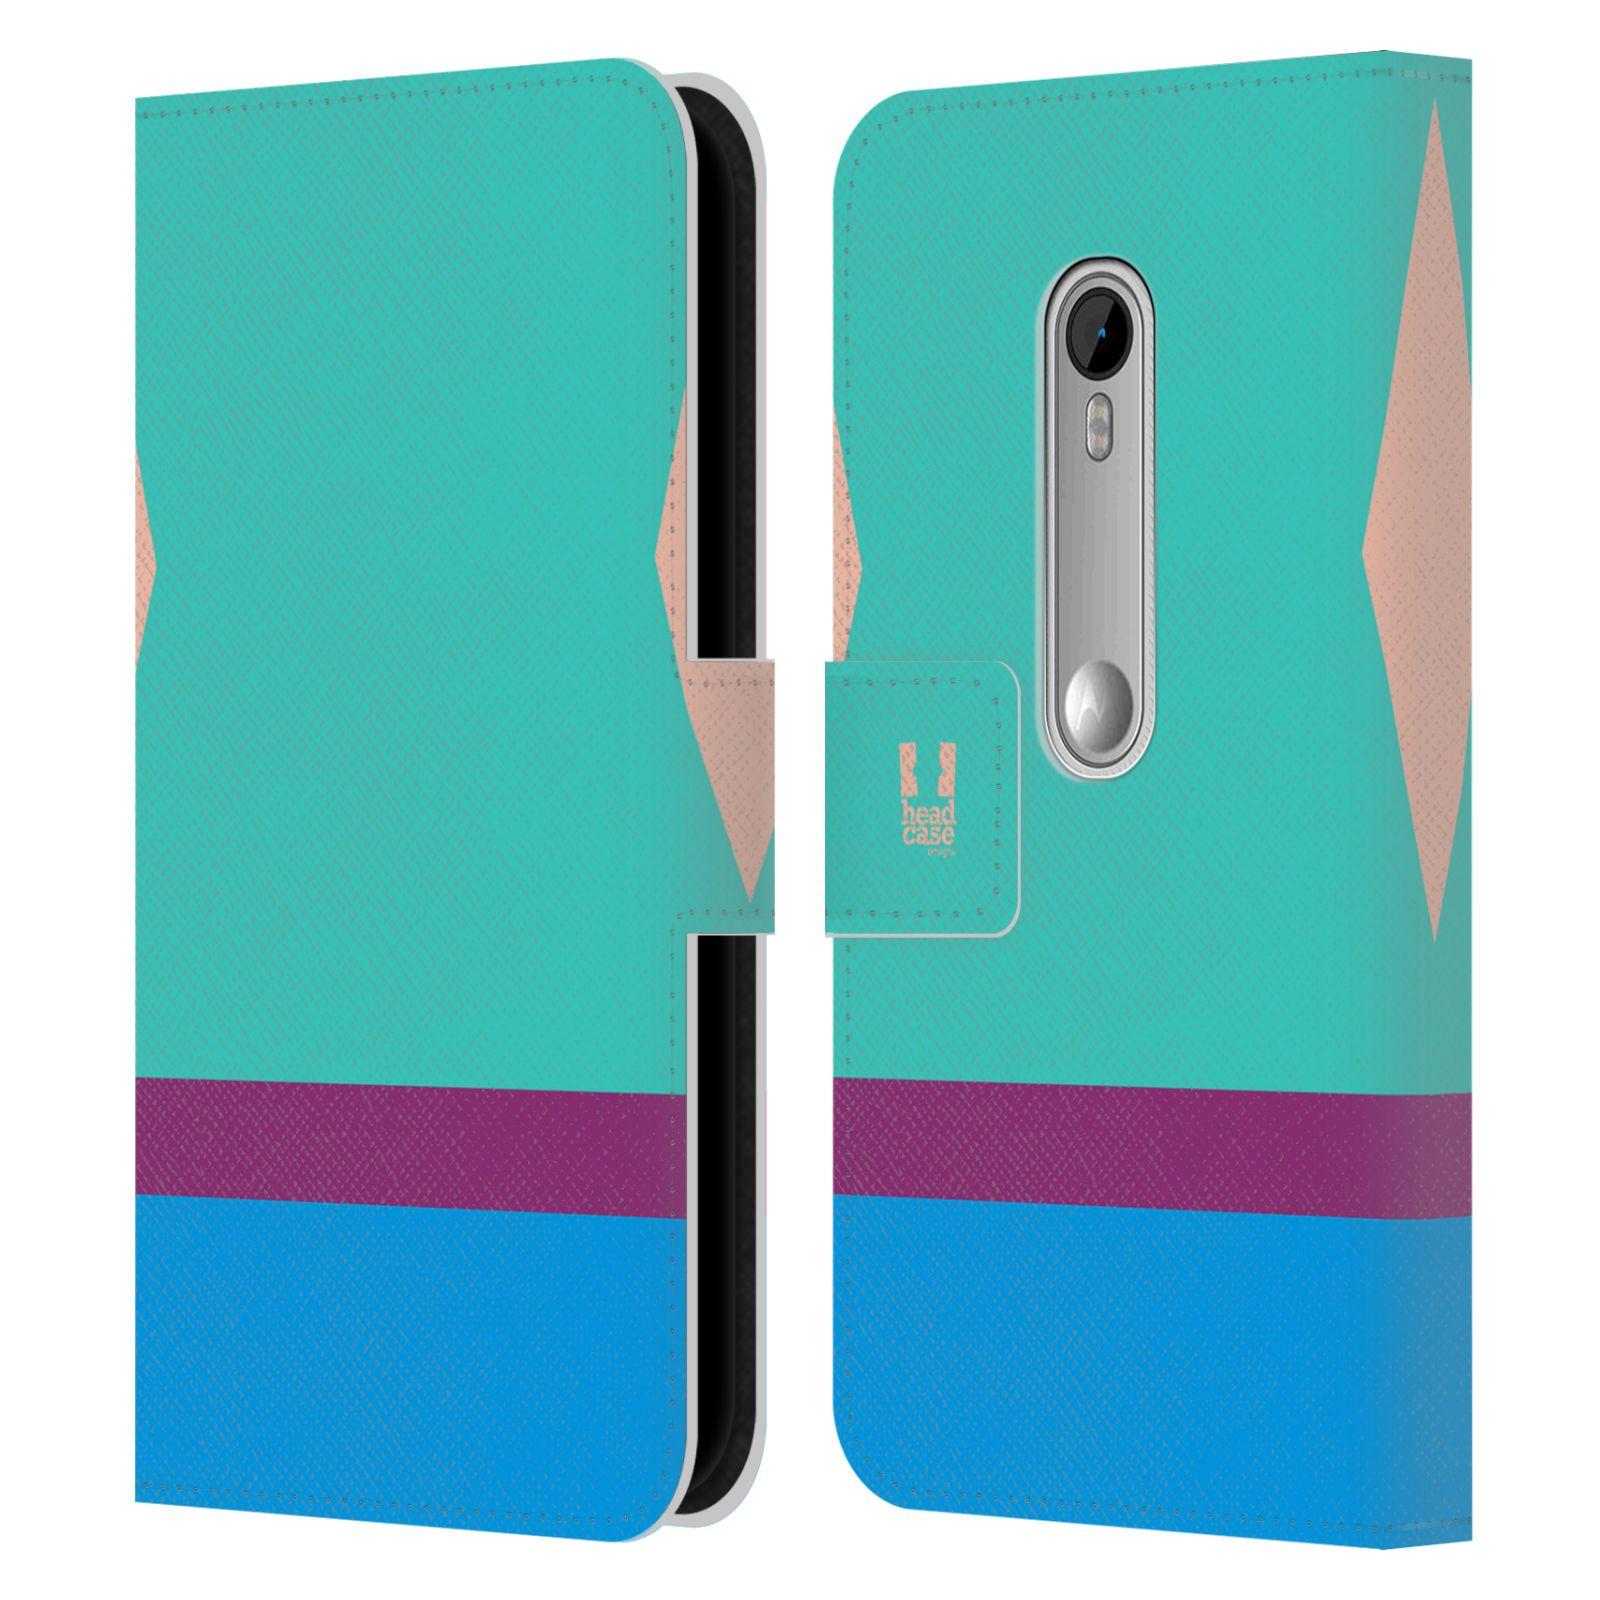 HEAD CASE Flipové pouzdro pro mobil Motorola MOTO G 3RD GENERATION barevné tvary modrá a fialový pruh